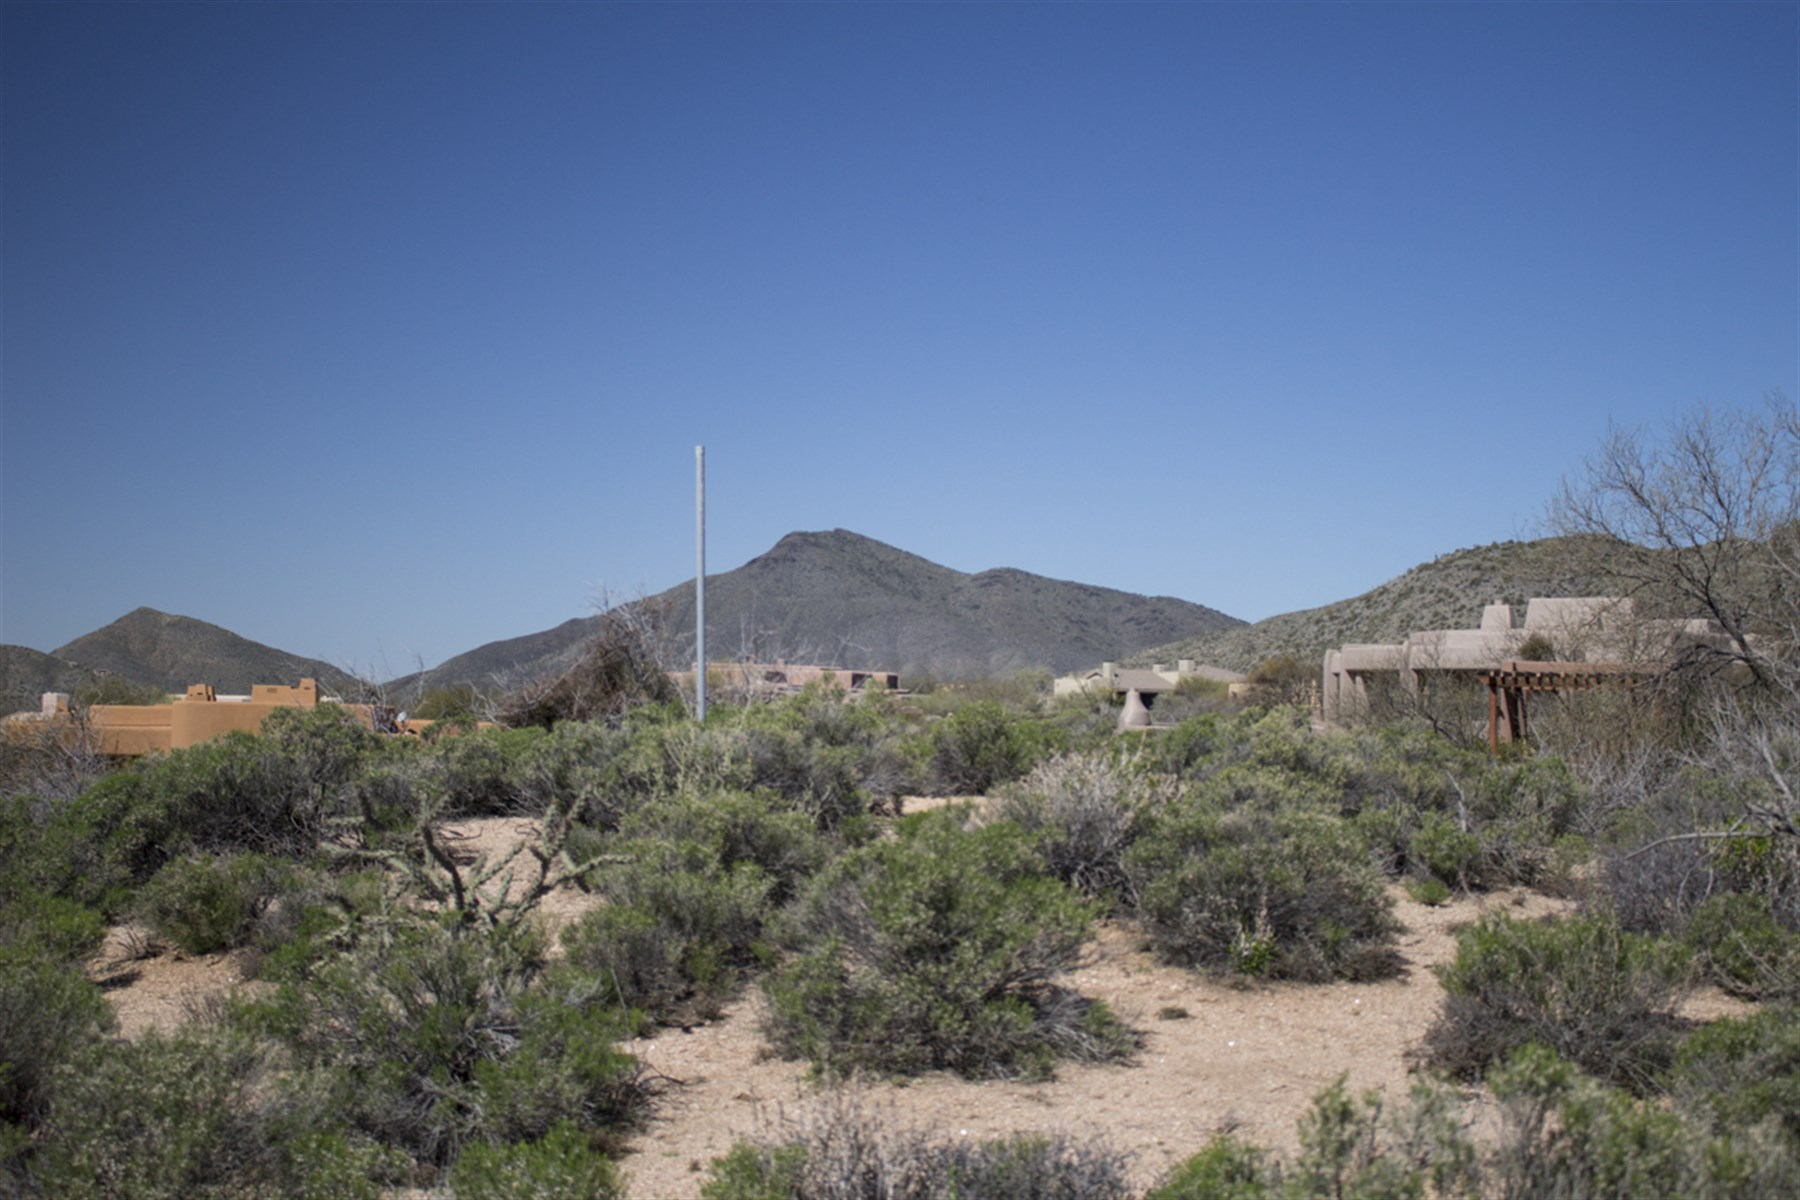 土地 為 出售 在 The perfect lot to build your custom residence: build-able and level. 41550 N 111TH PL 33 Scottsdale, 亞利桑那州, 85262 美國